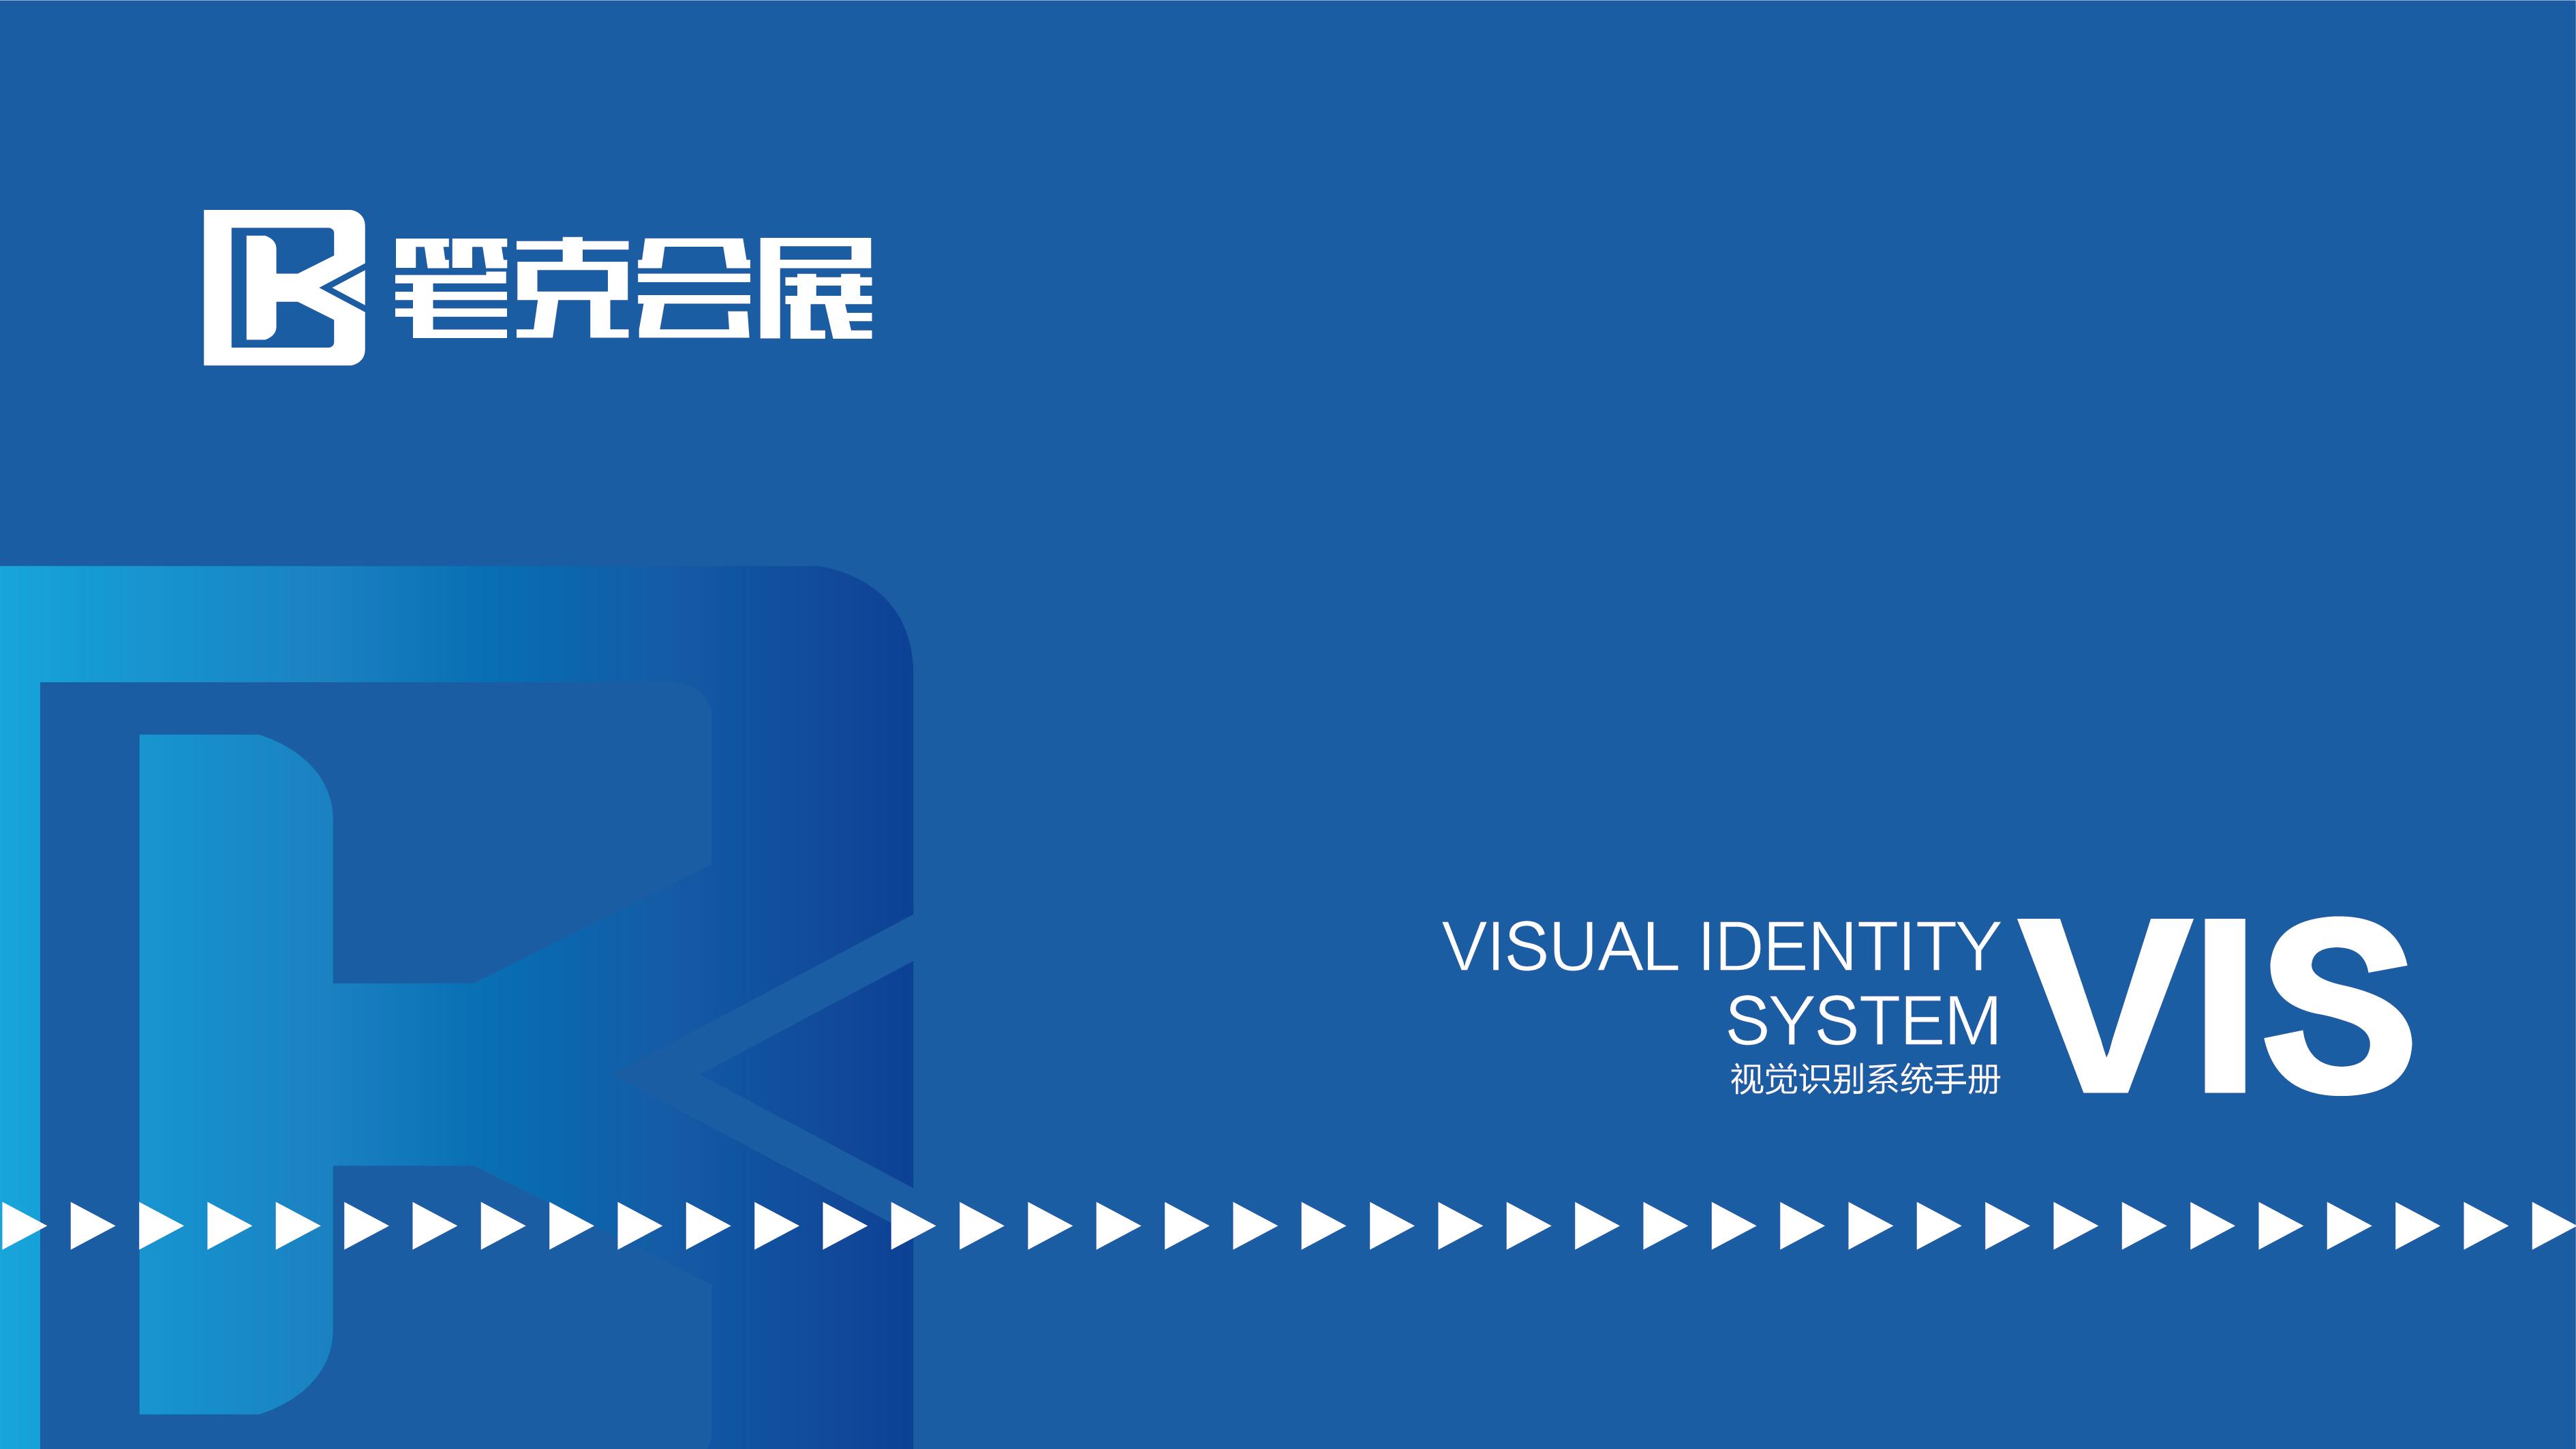 笔克会展公司VI设计